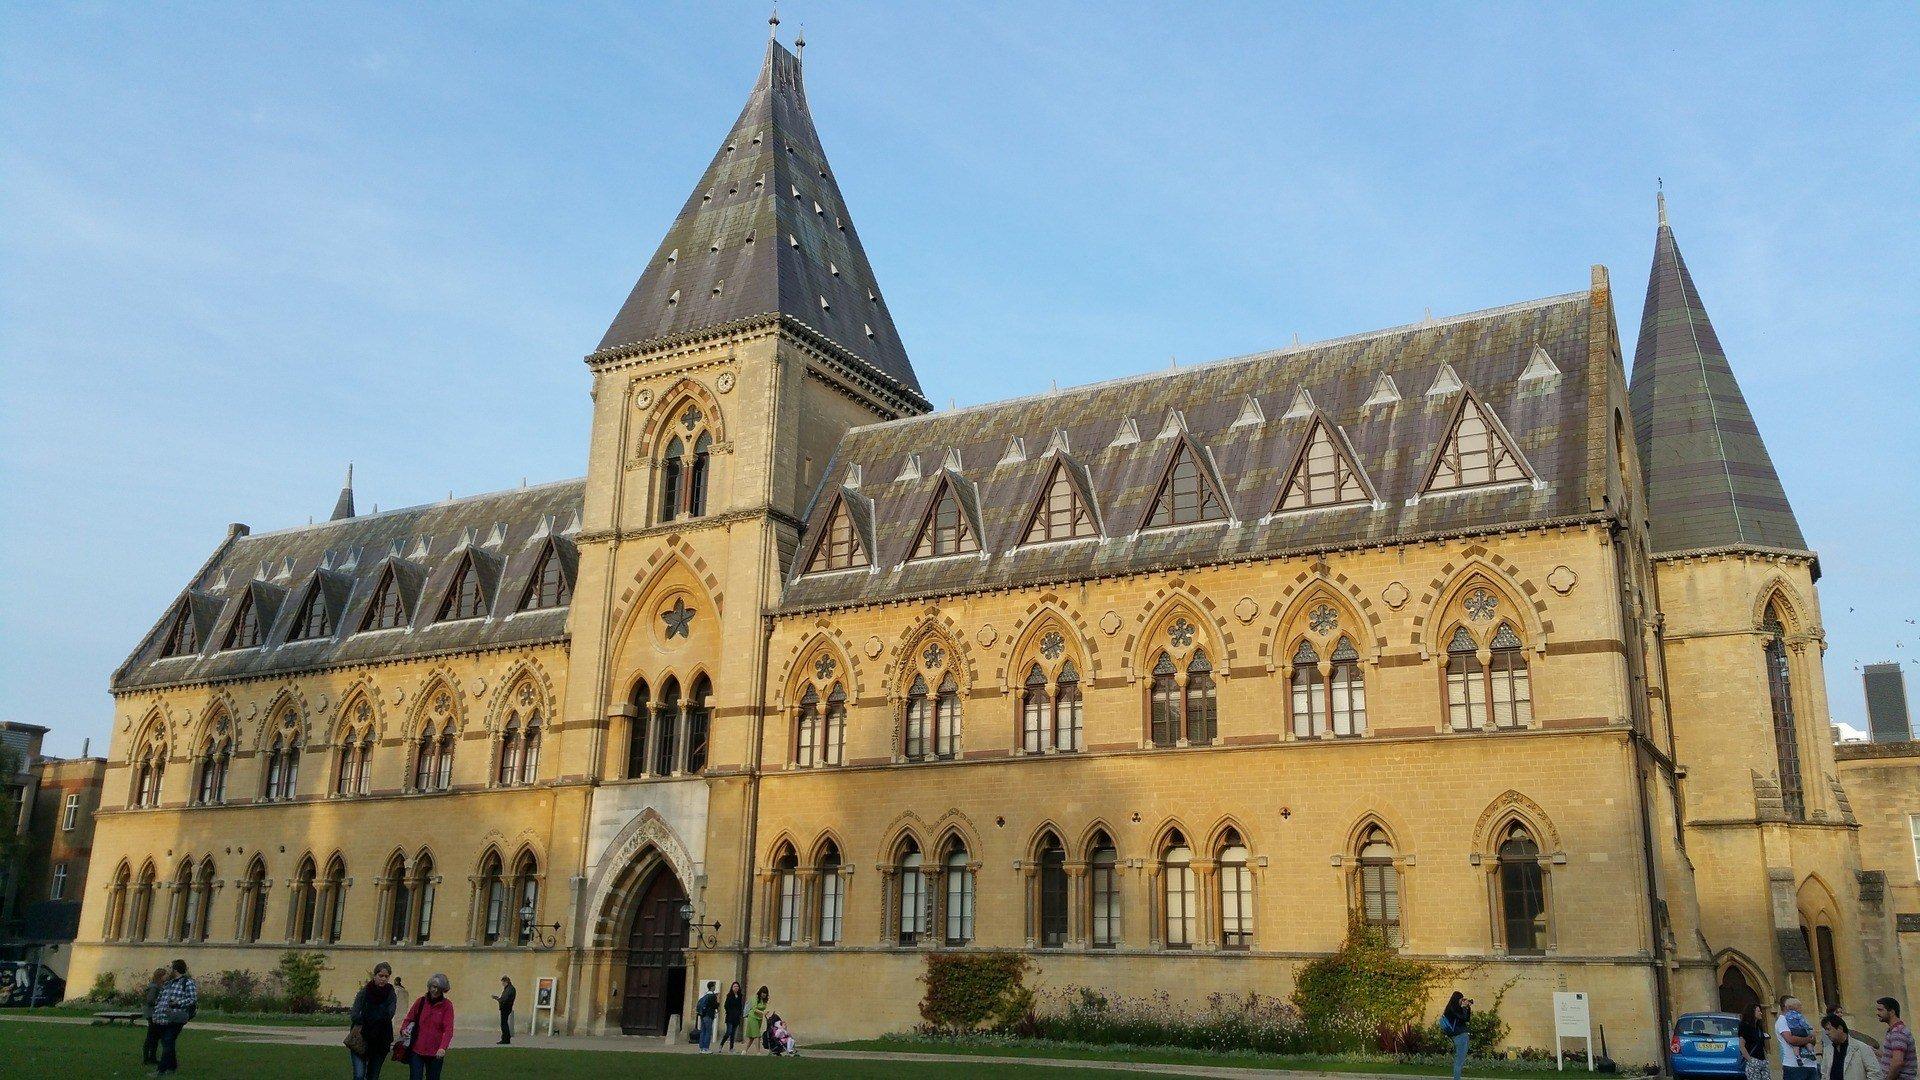 City Centre, Oxford